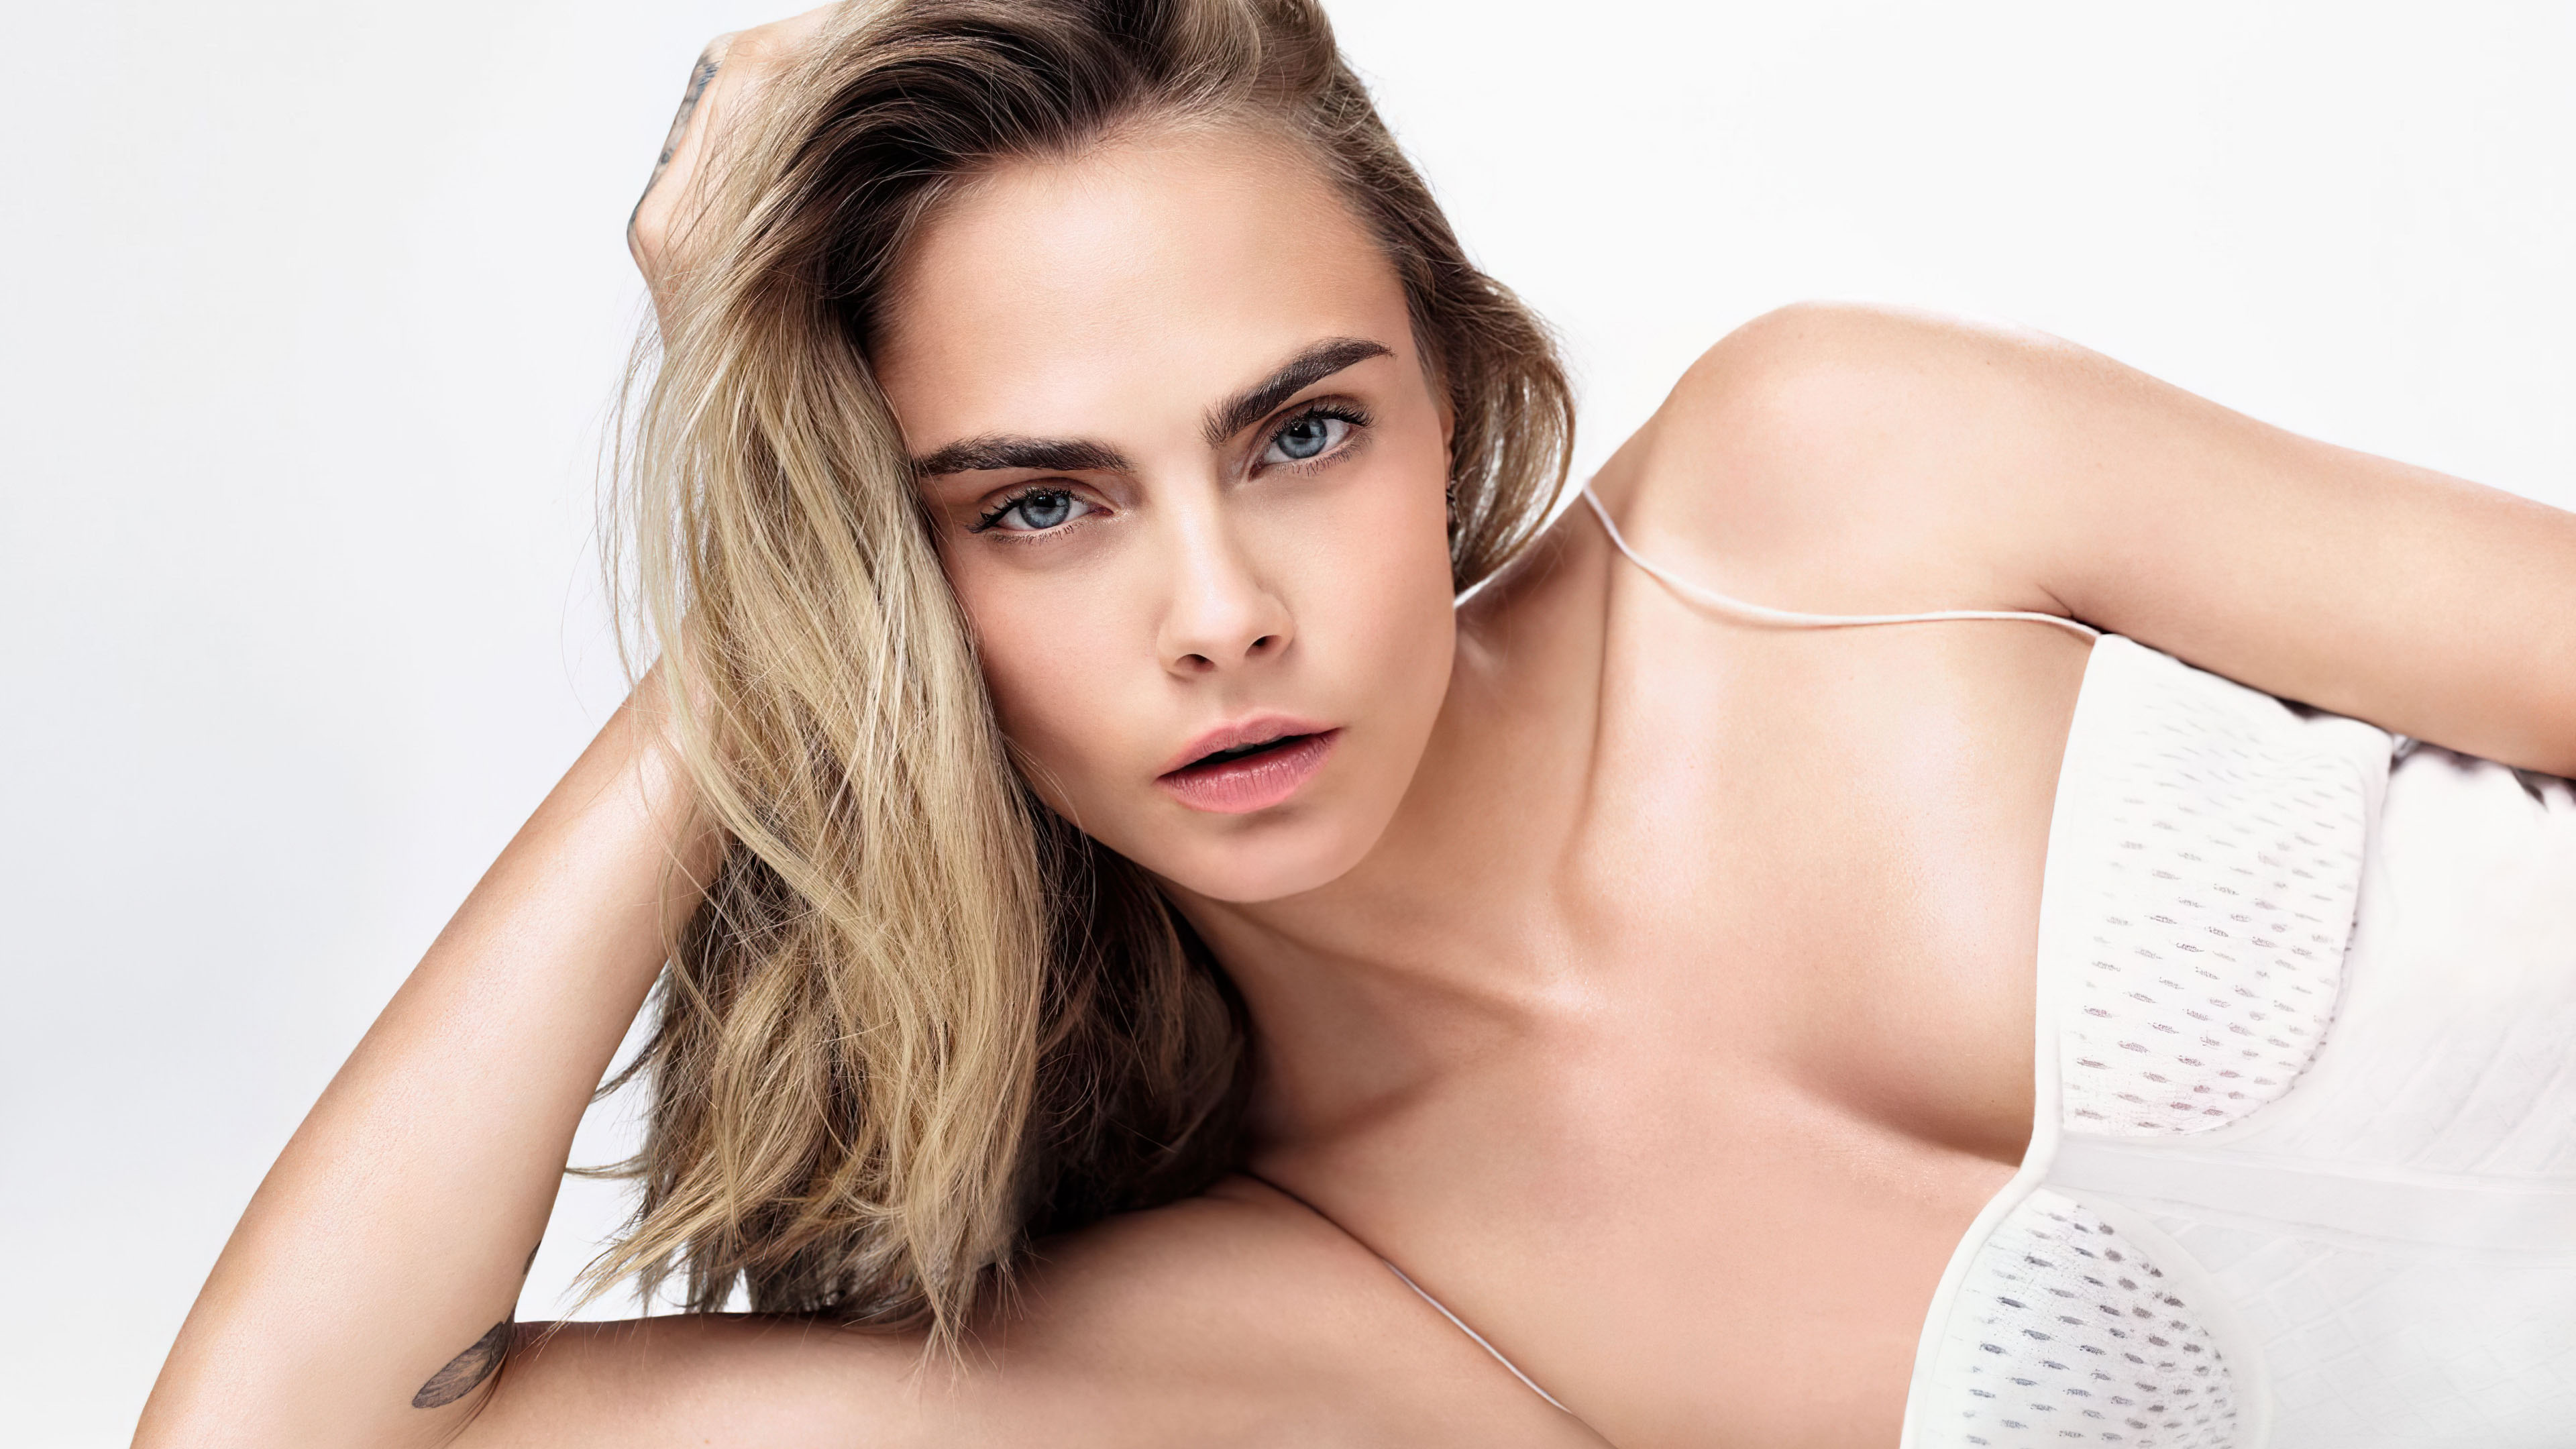 美女模特,欧美女神,金发,凝视,美肩